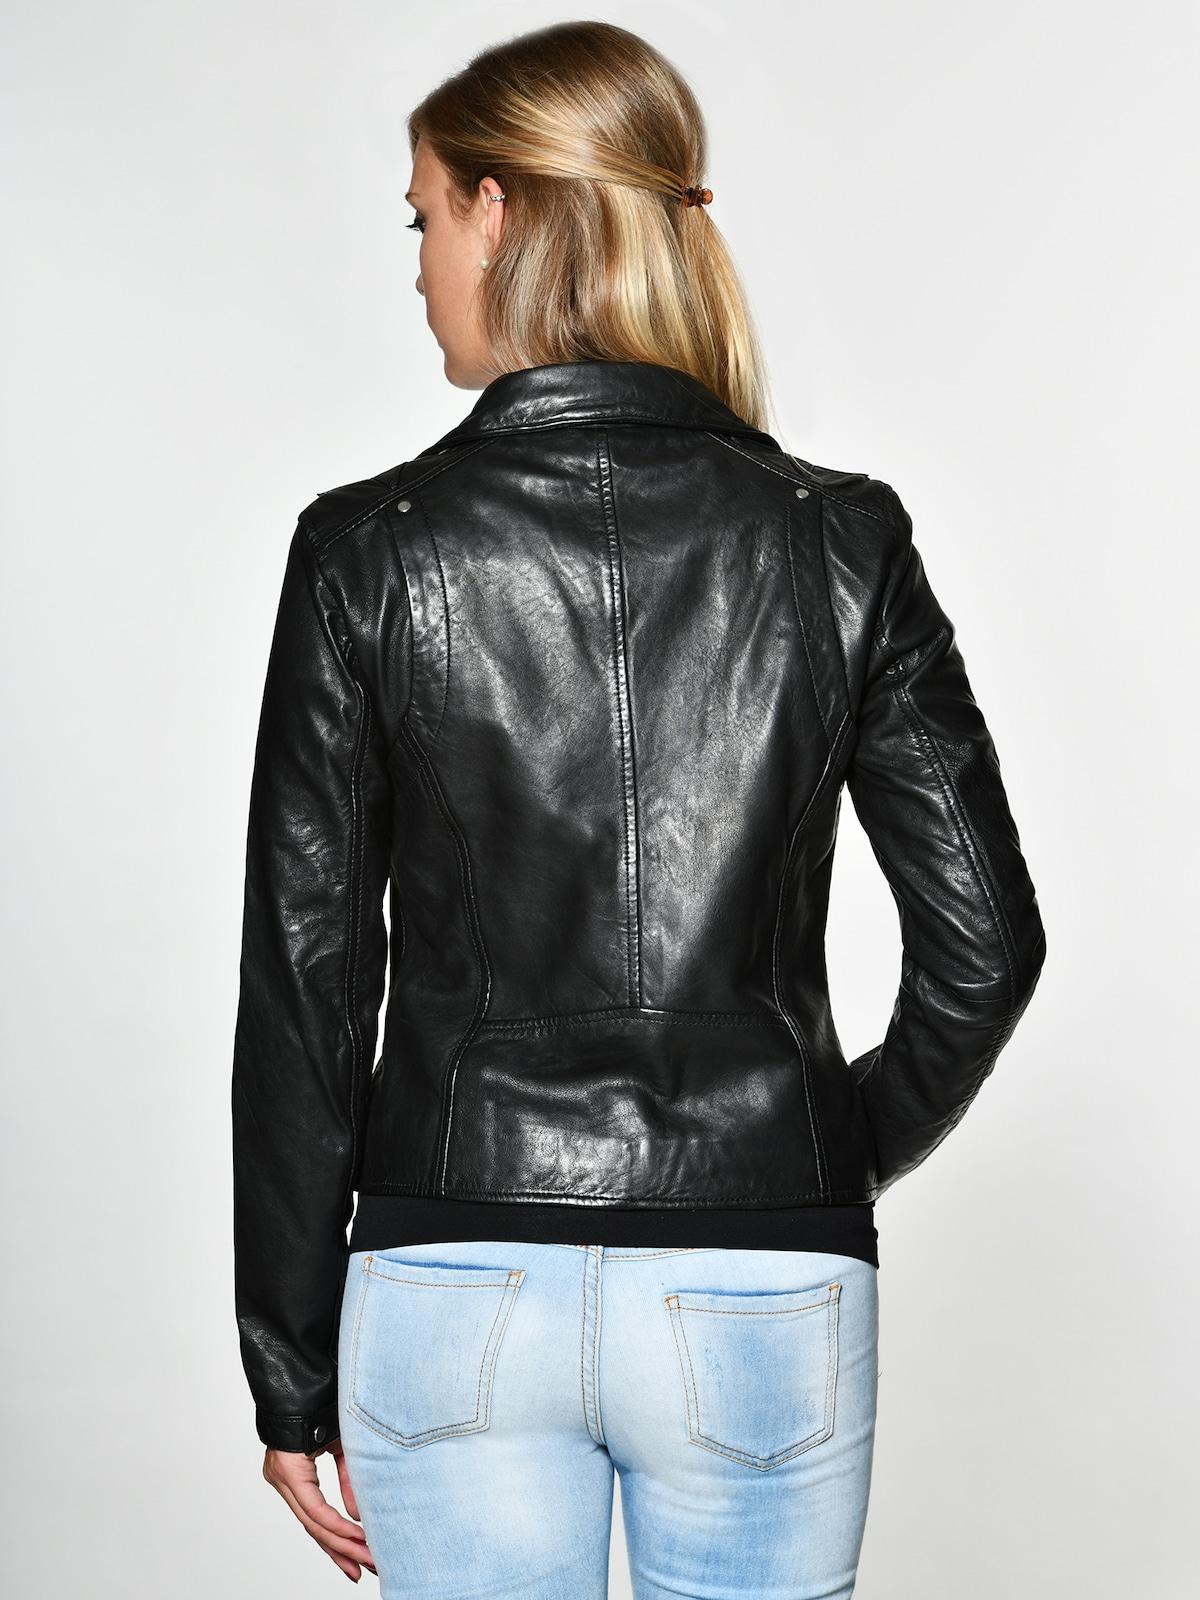 Beliebt Frauen Bekleidung Maze Lederjacke 'Indiana' in schwarz Zum Verkauf